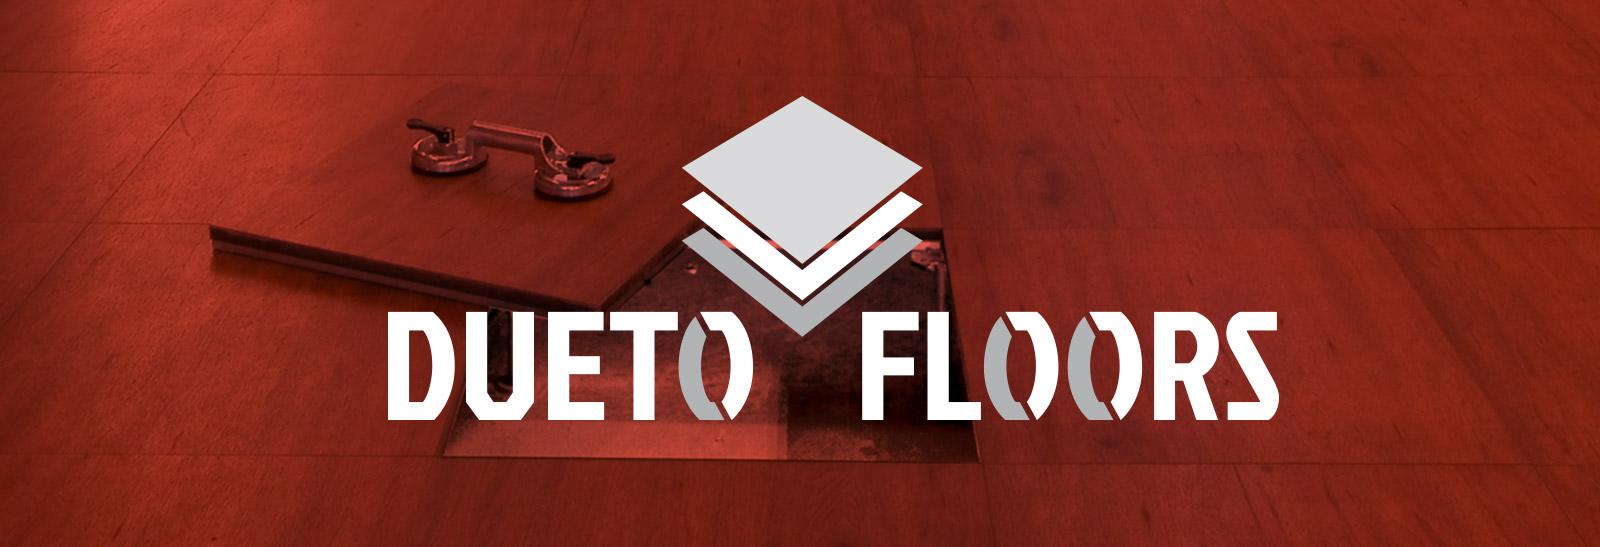 Dueto Floors